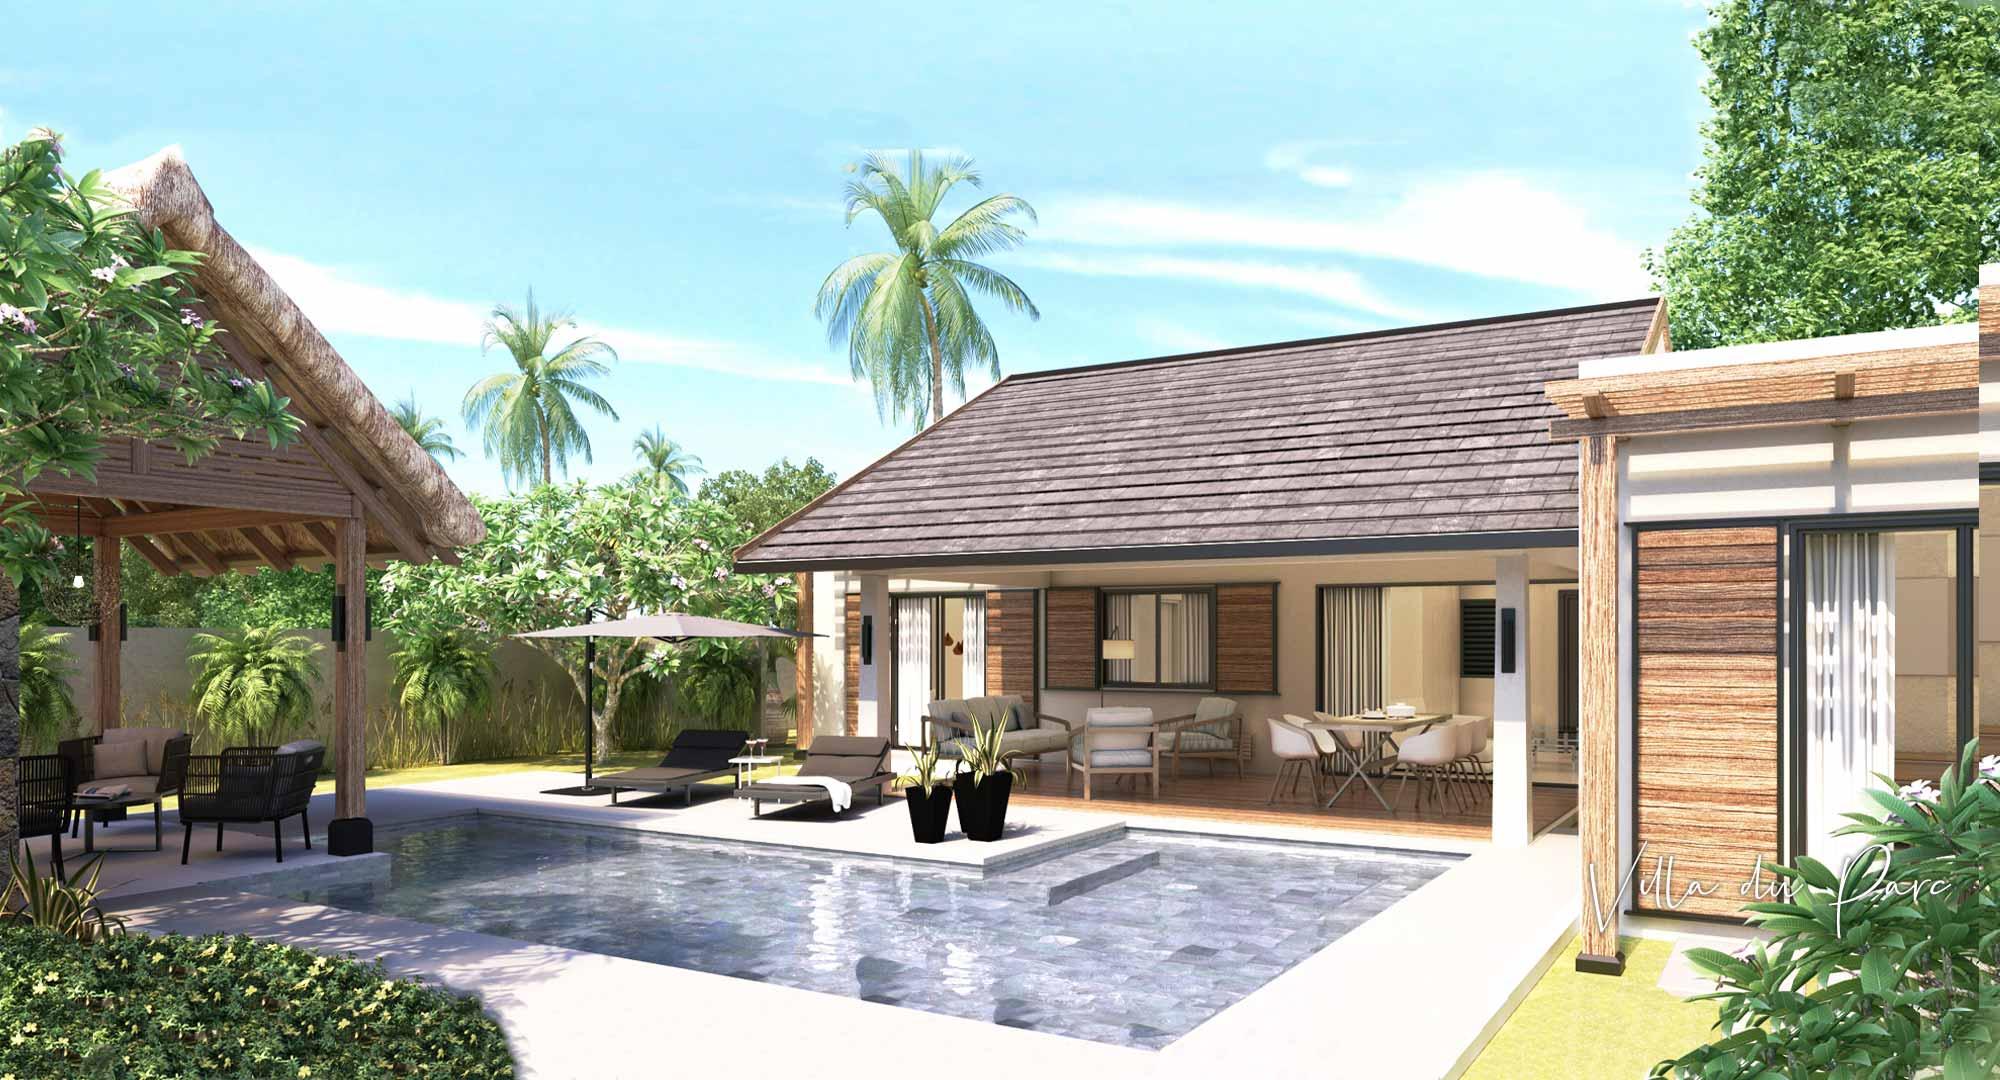 Villa élégante confortable relaxante où les propriétaires pourront se ressourcer